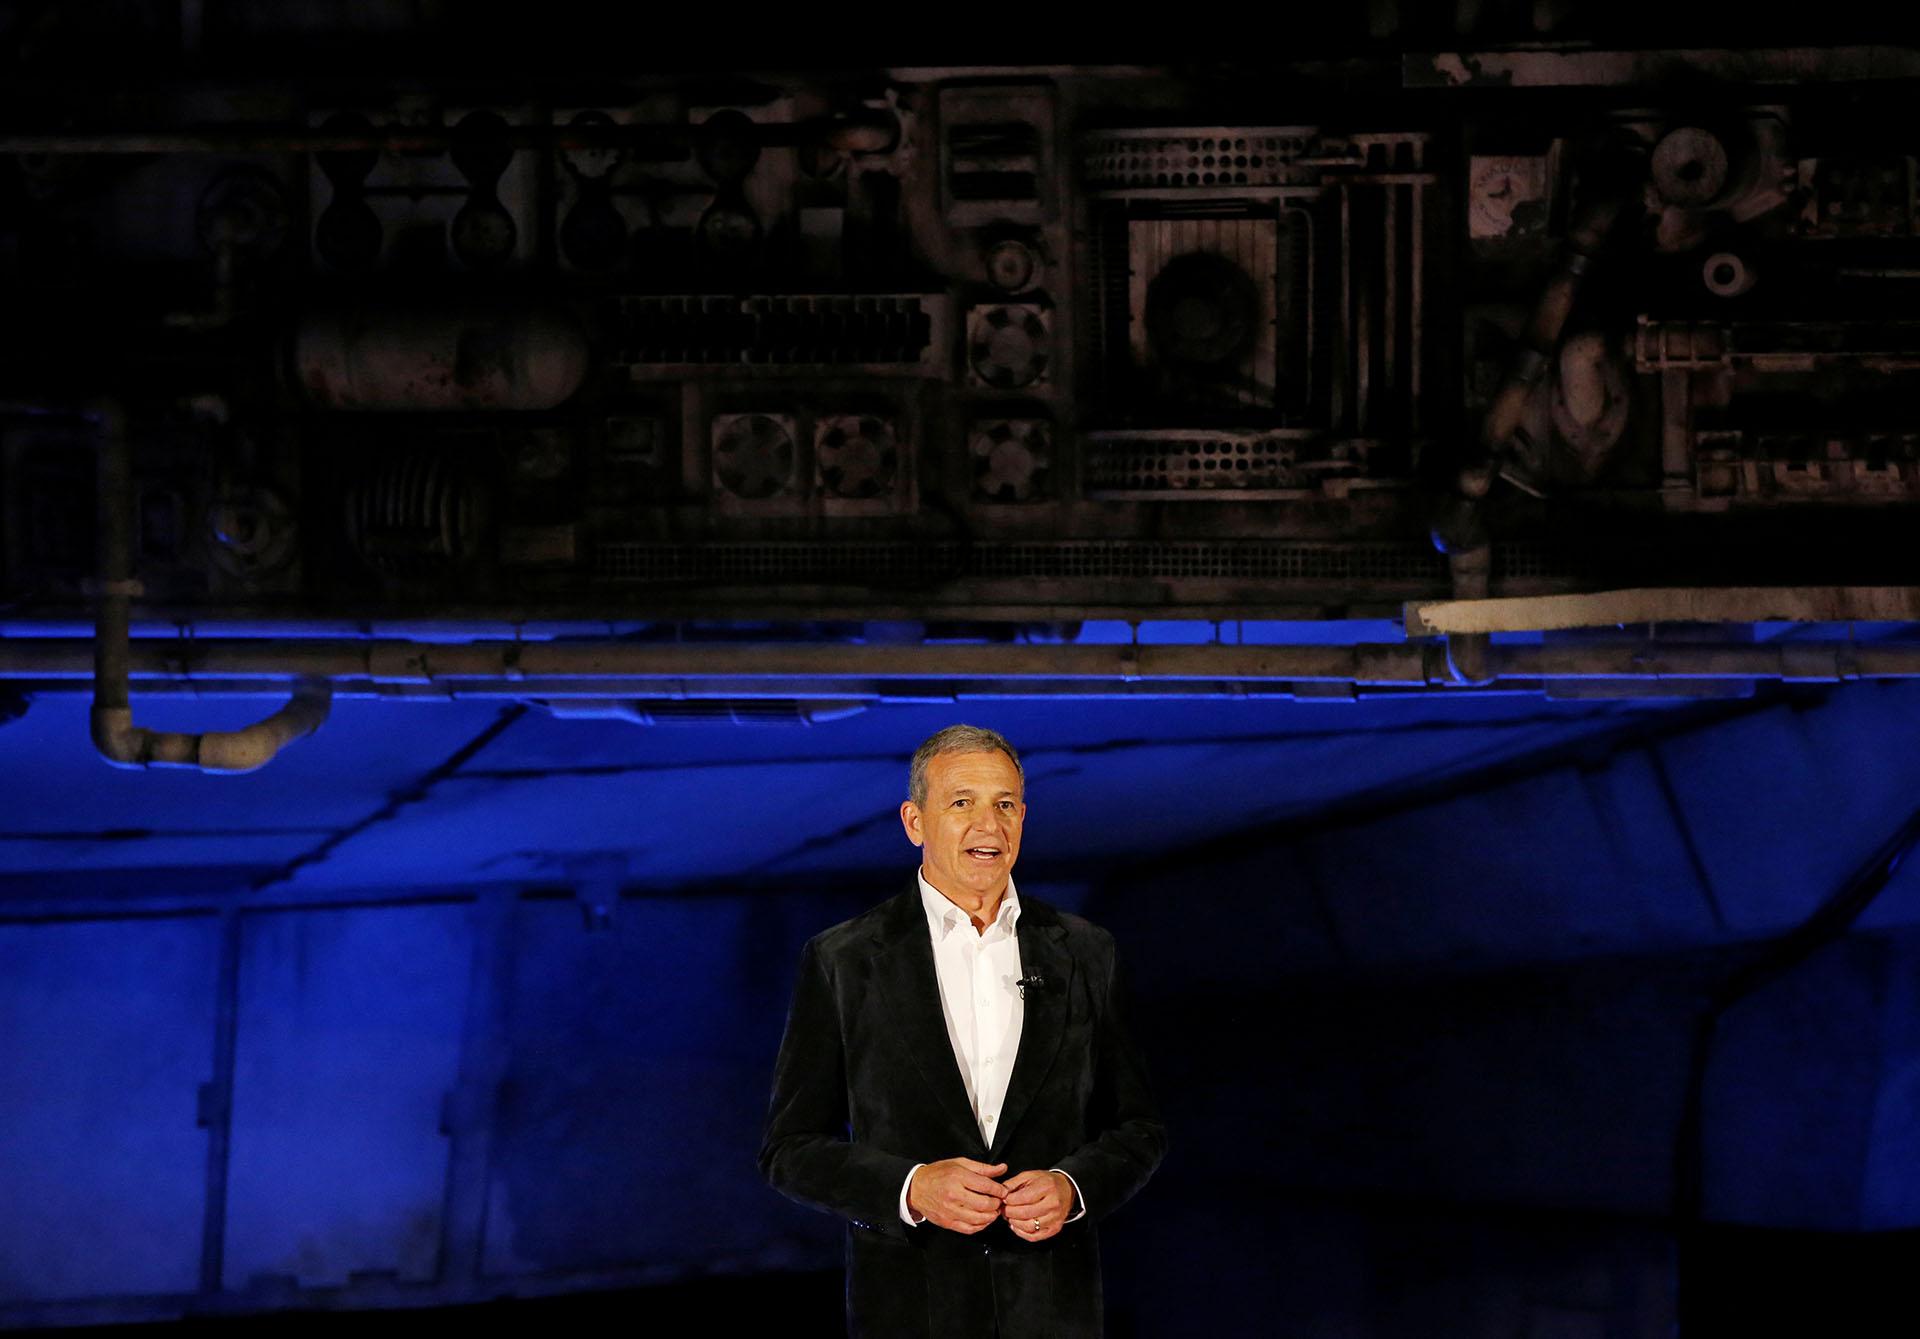 """El Director Ejecutivo de Walt Disney, Bob Iger, habla en """"Star Wars: Galaxy's Edge"""" en Anaheim"""